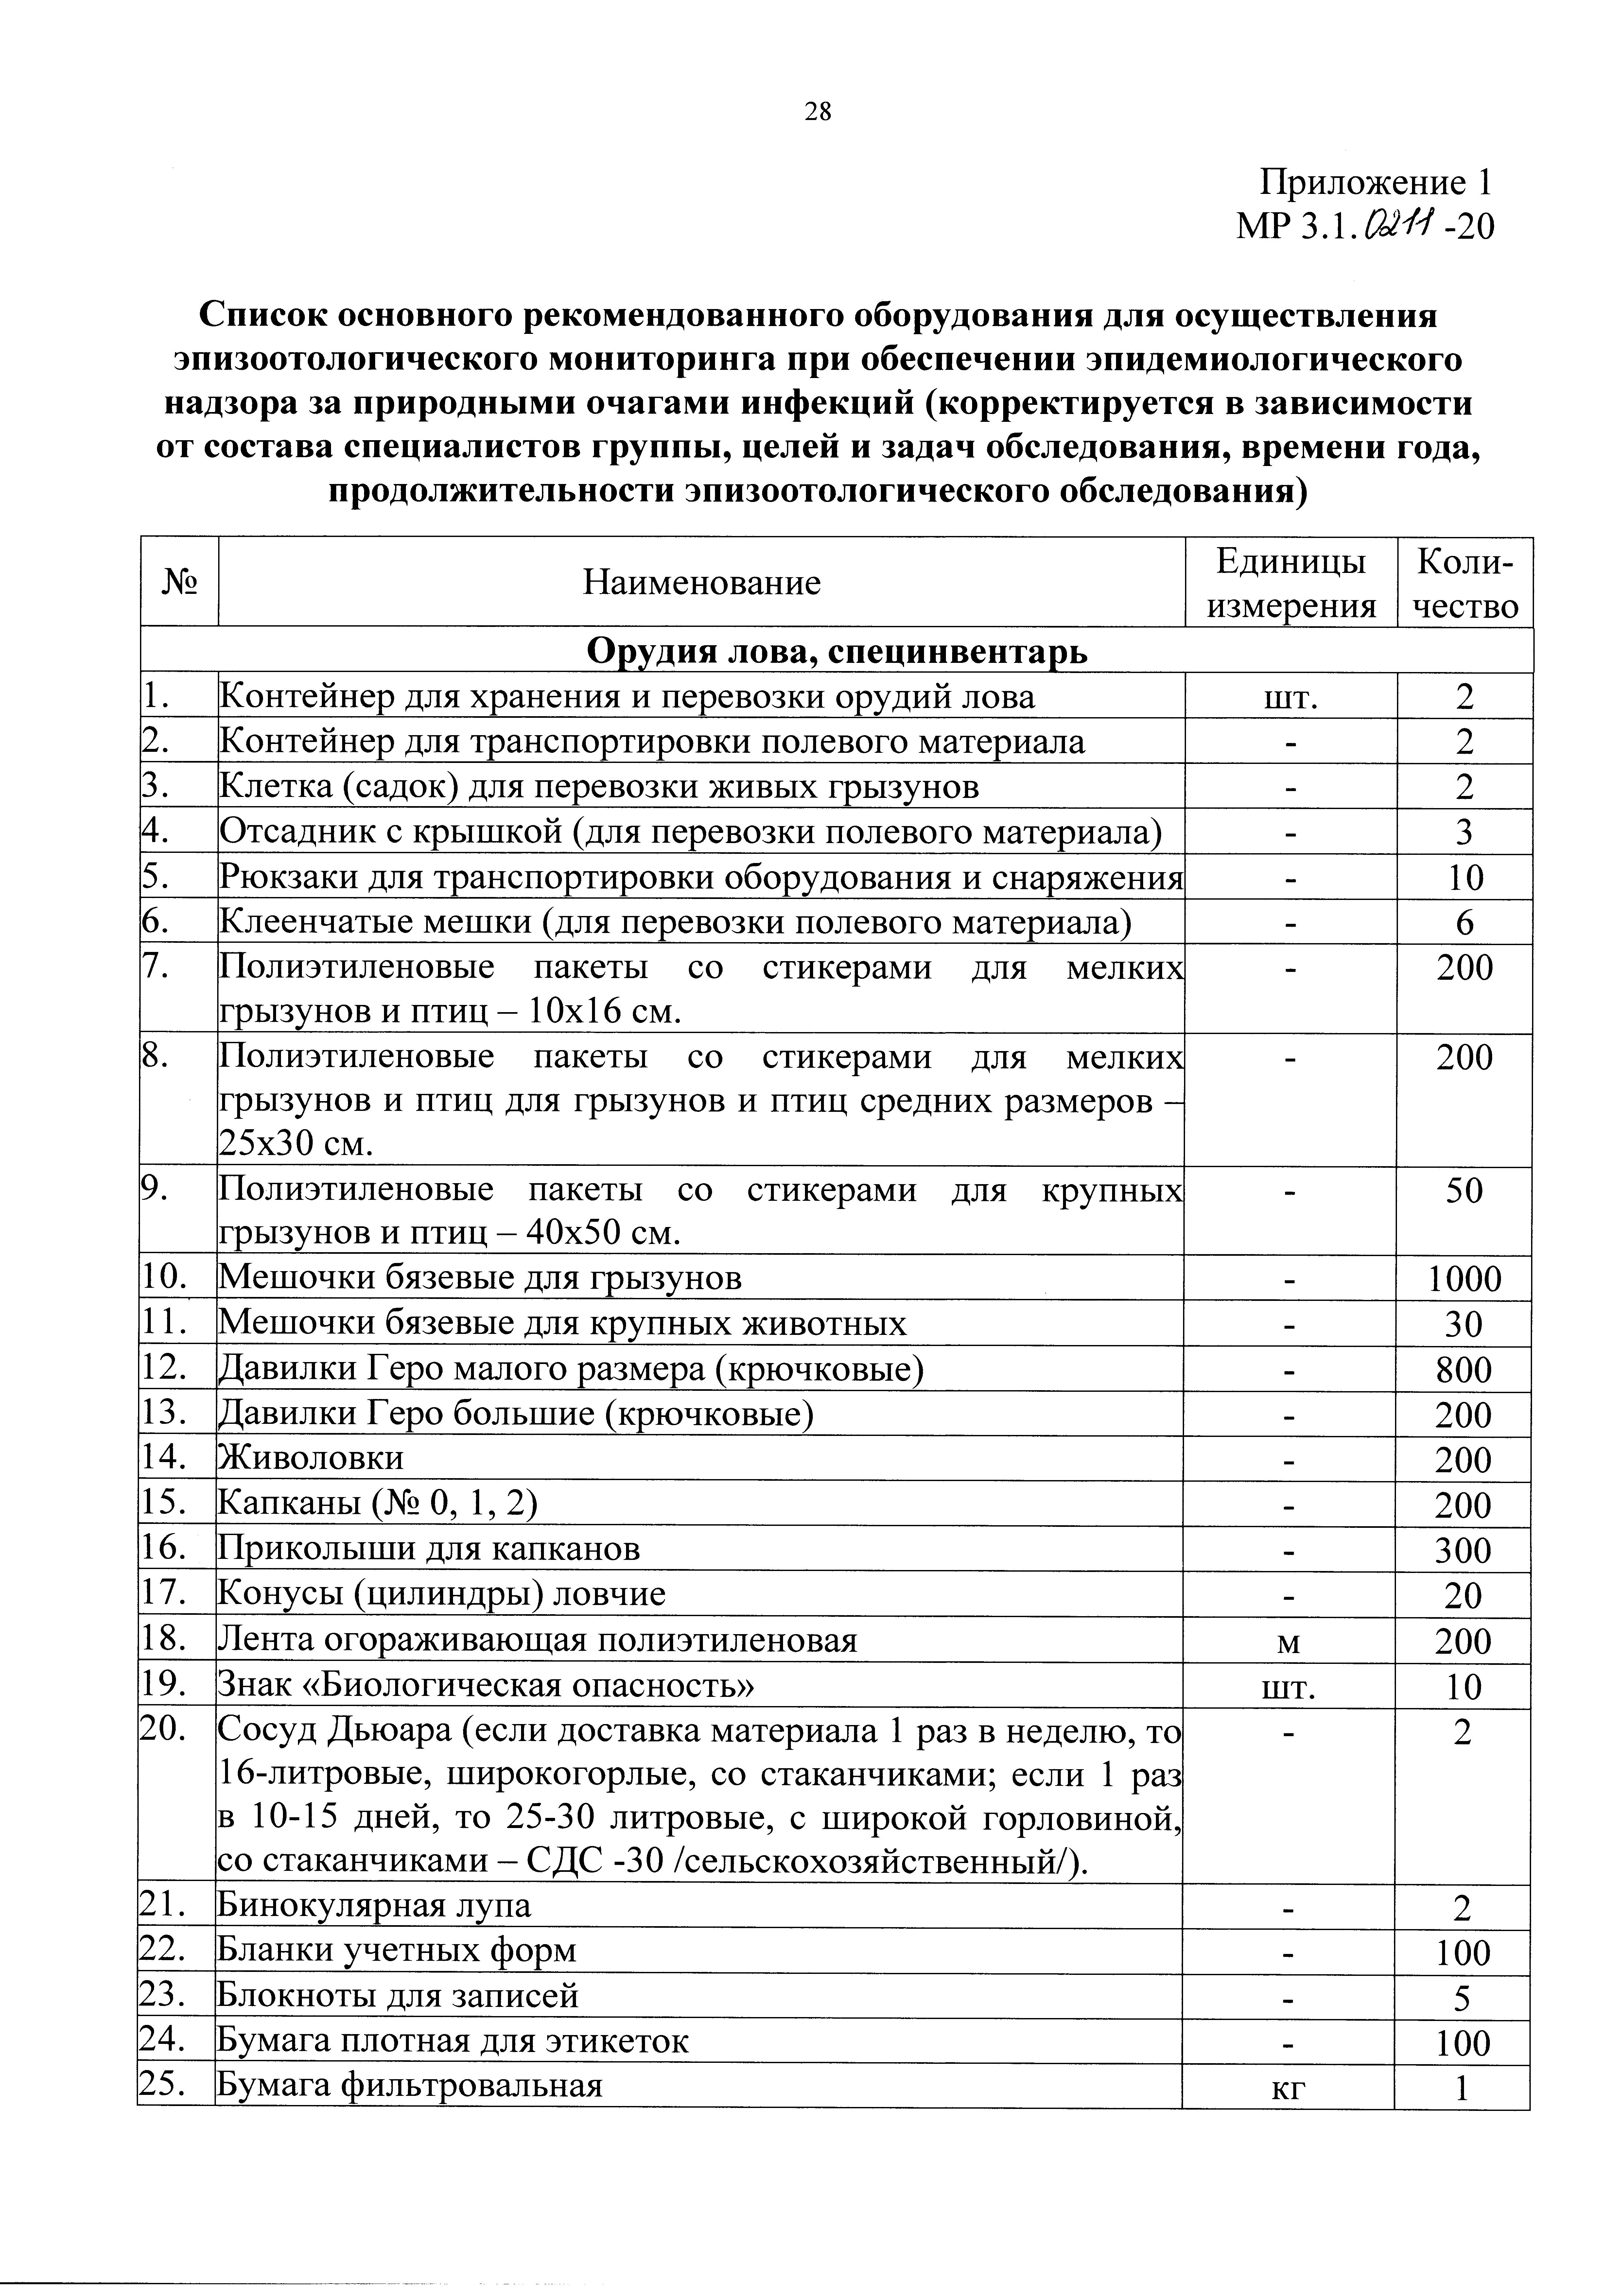 mr-3.1.0211_20-otlov_-uchet-i-prognoz-chislennosti-melkikh-zhivotnykh-i-ptits (1)_Страница_28.png (262 KB)